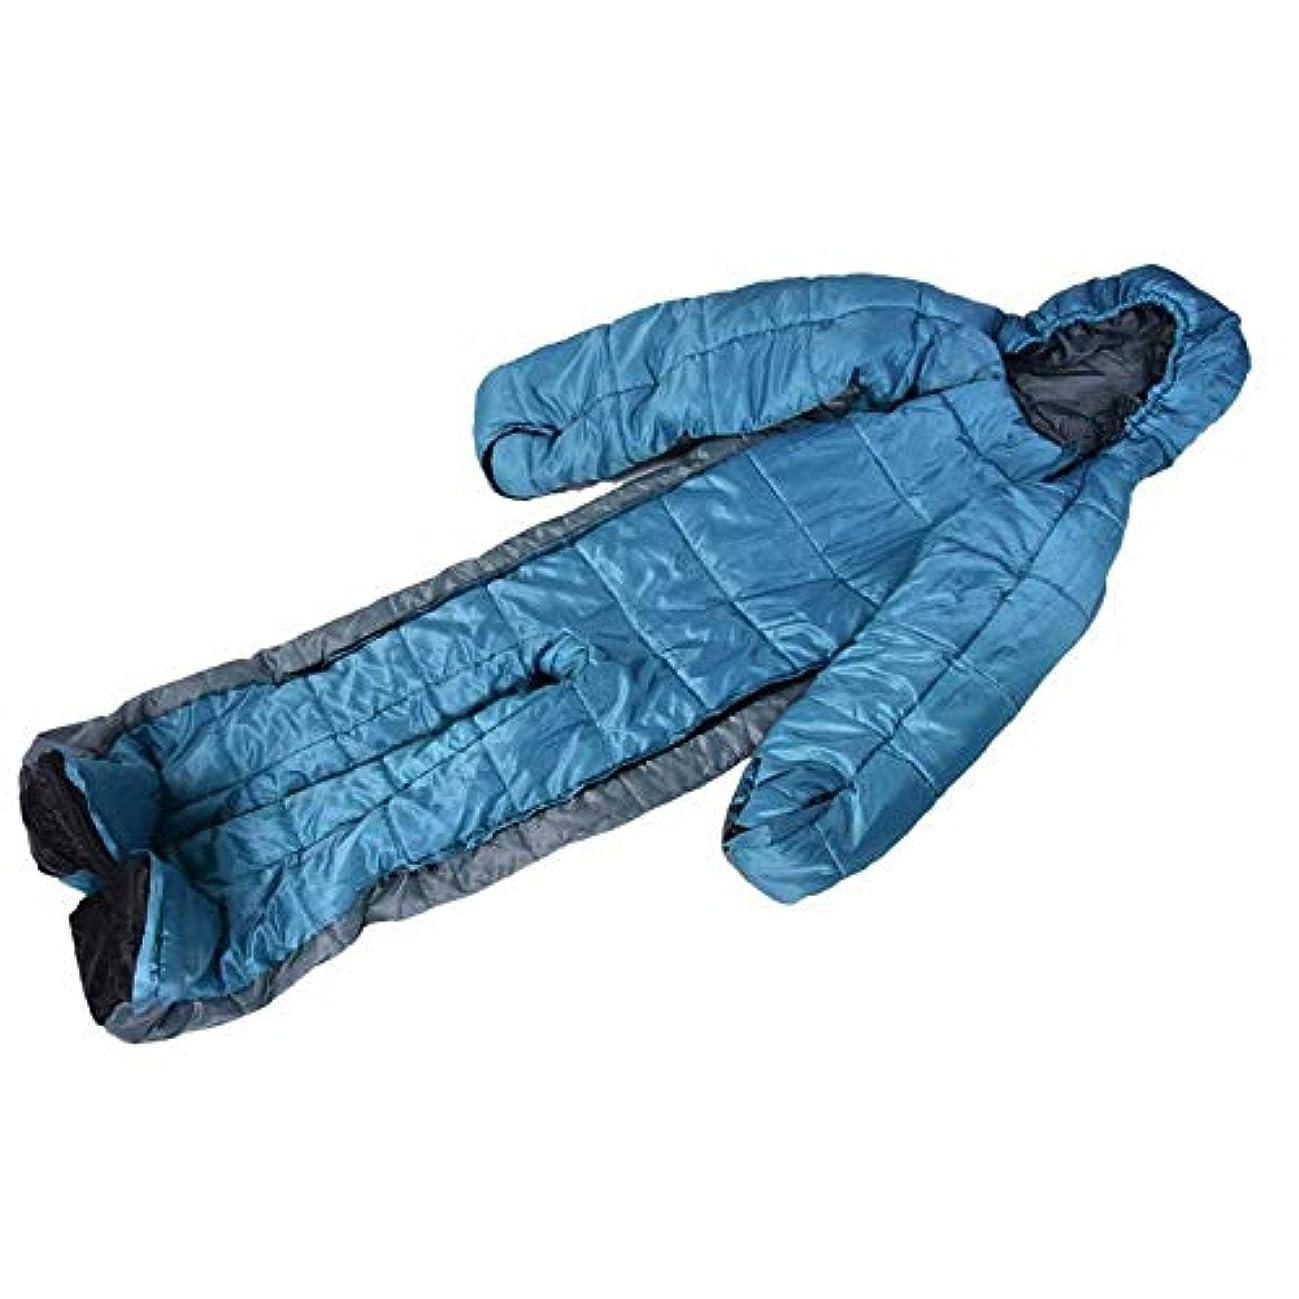 浸したシングル合理的ミイラ寝袋ヒューマノイド寝袋冬暖かい寝袋